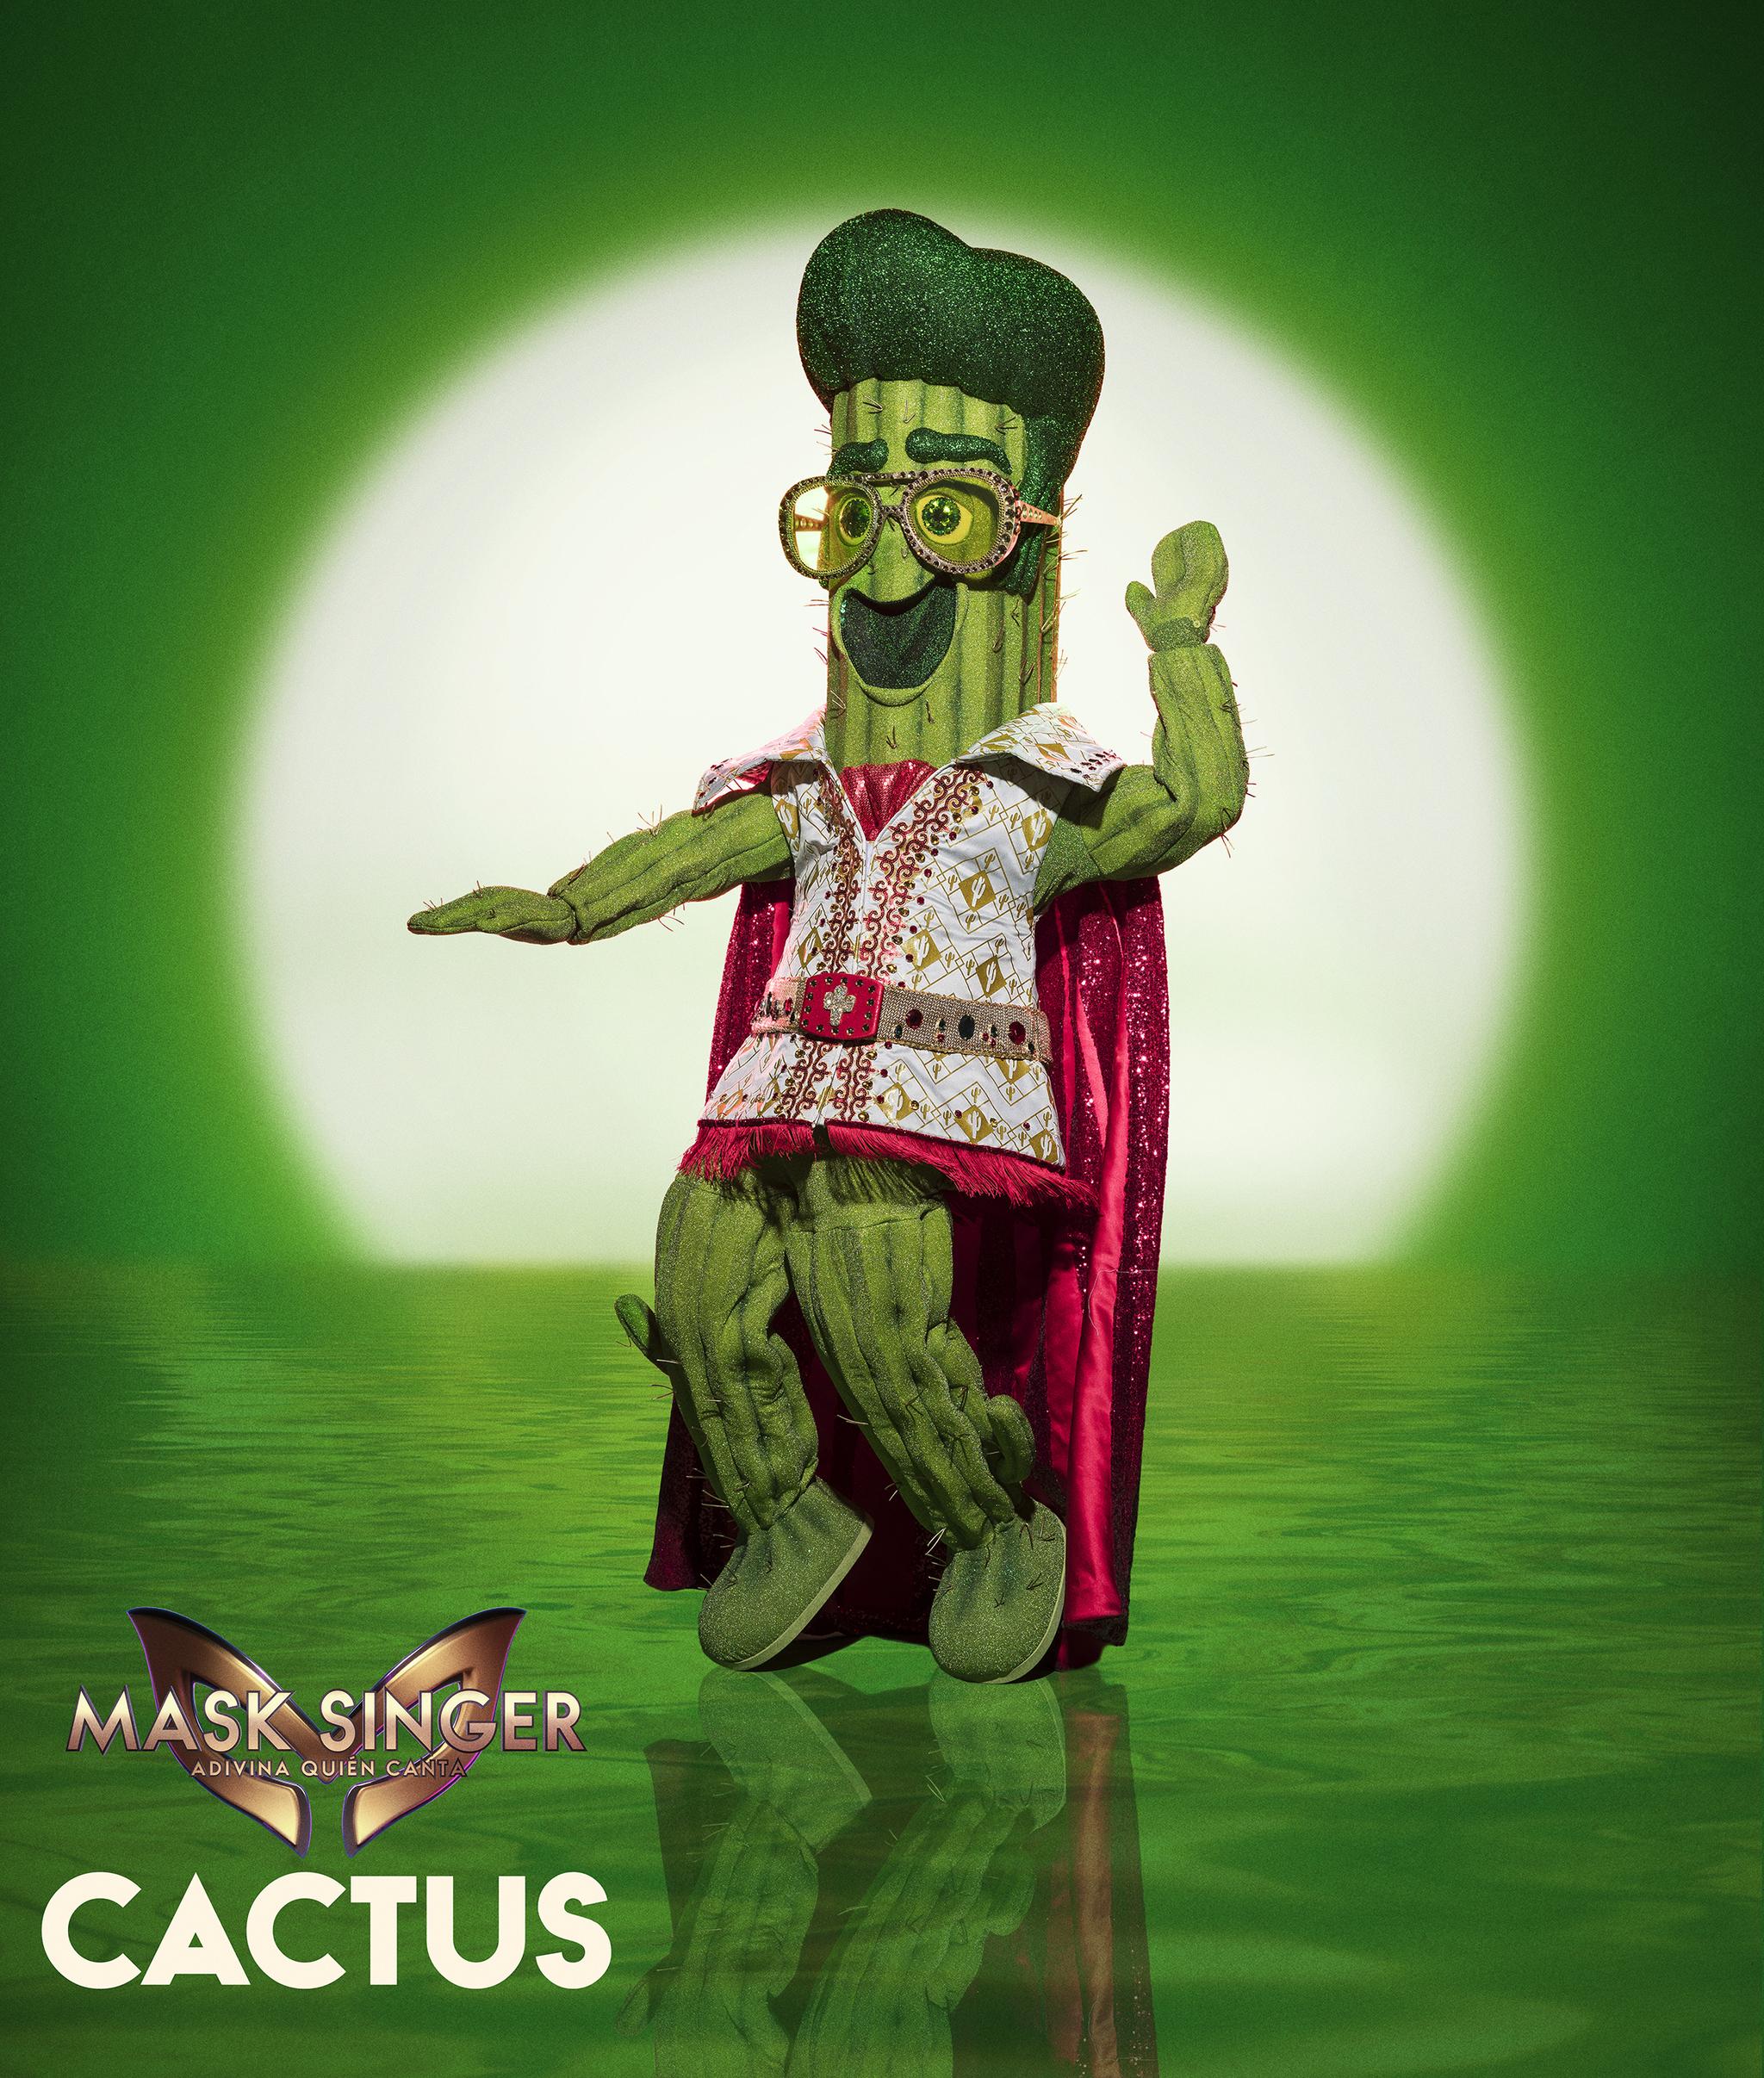 La máscara de Cactus